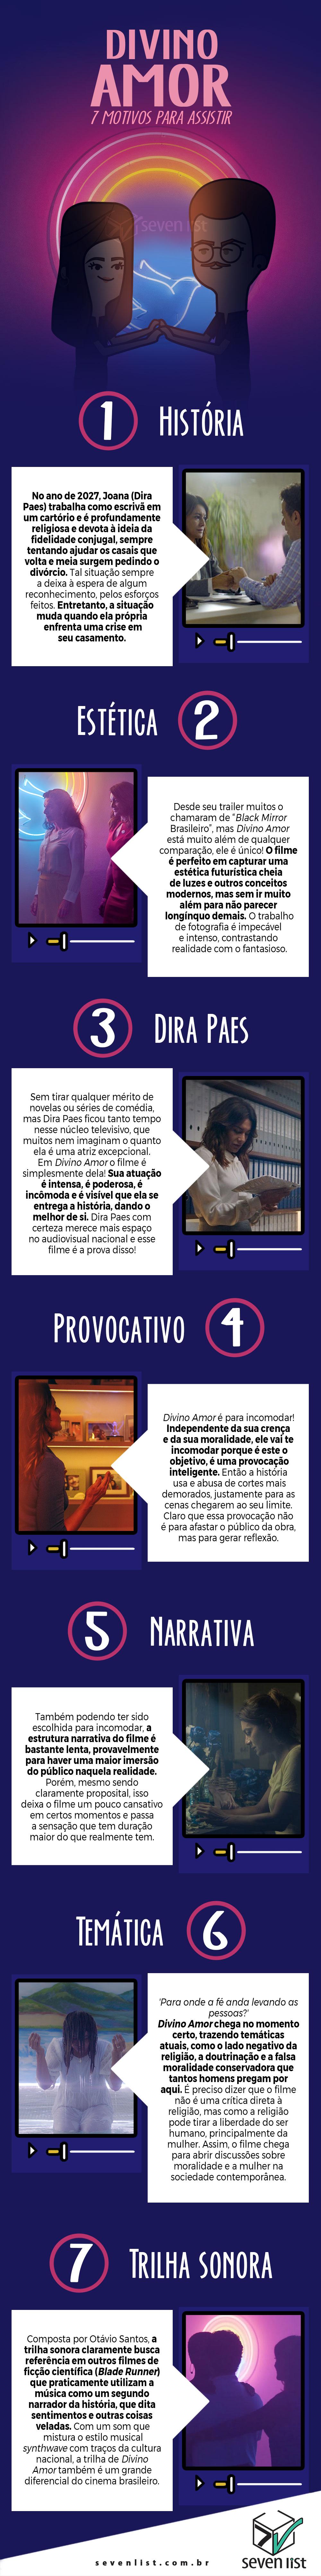 DIVINO AMOR - 7 MOTIVOS PARA ASSISTIR - SEVEN LIST